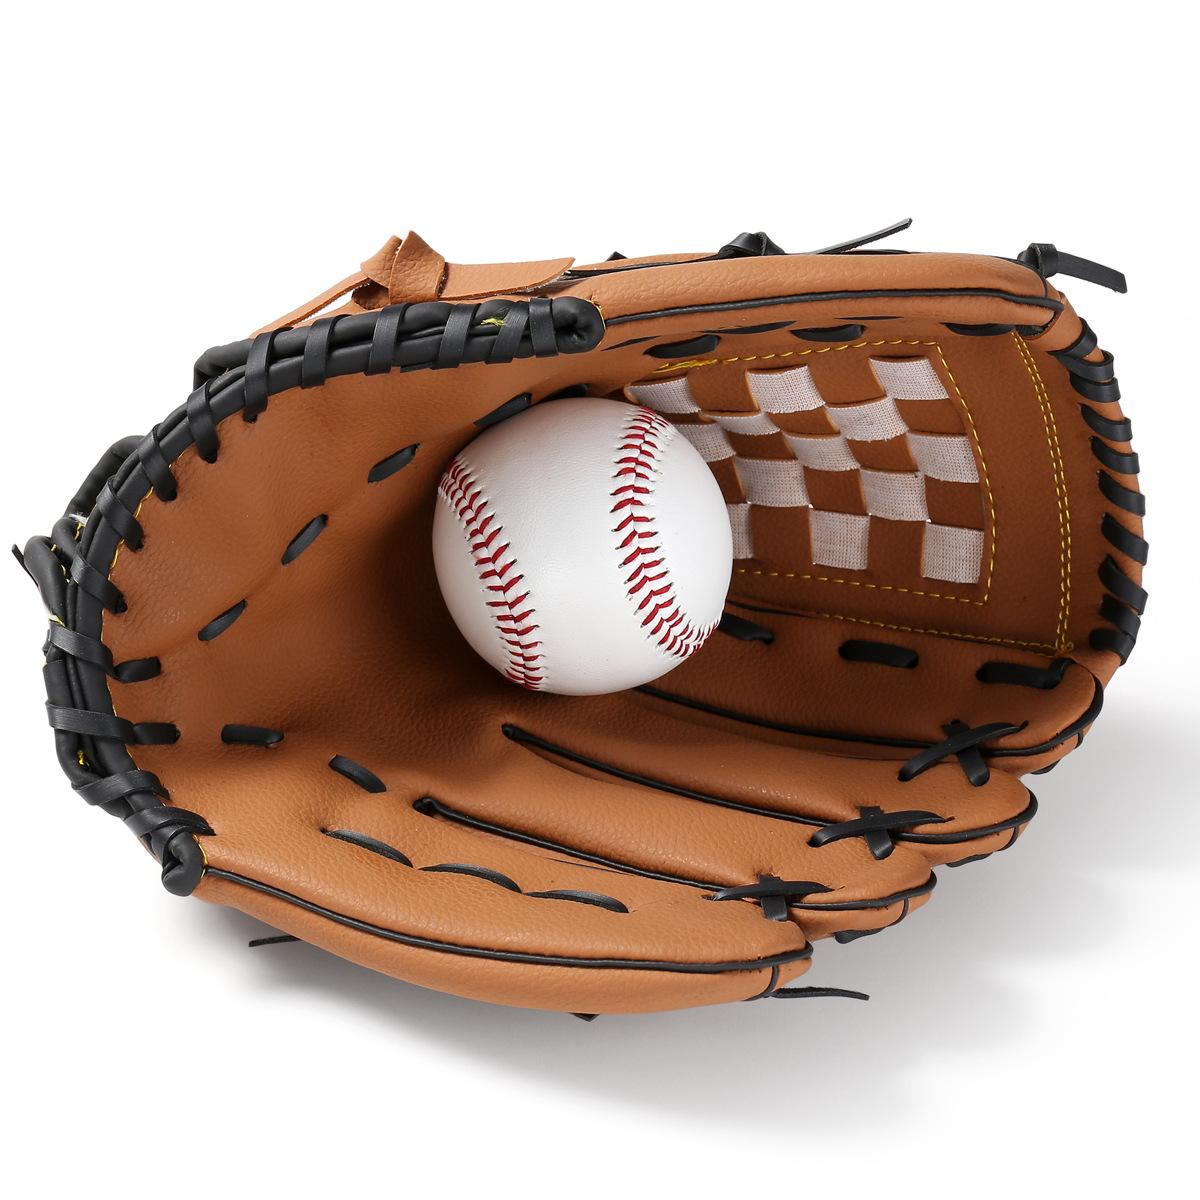 正品 加厚 內野投手棒球手套 壘球手套 兒童少年成人全款包郵